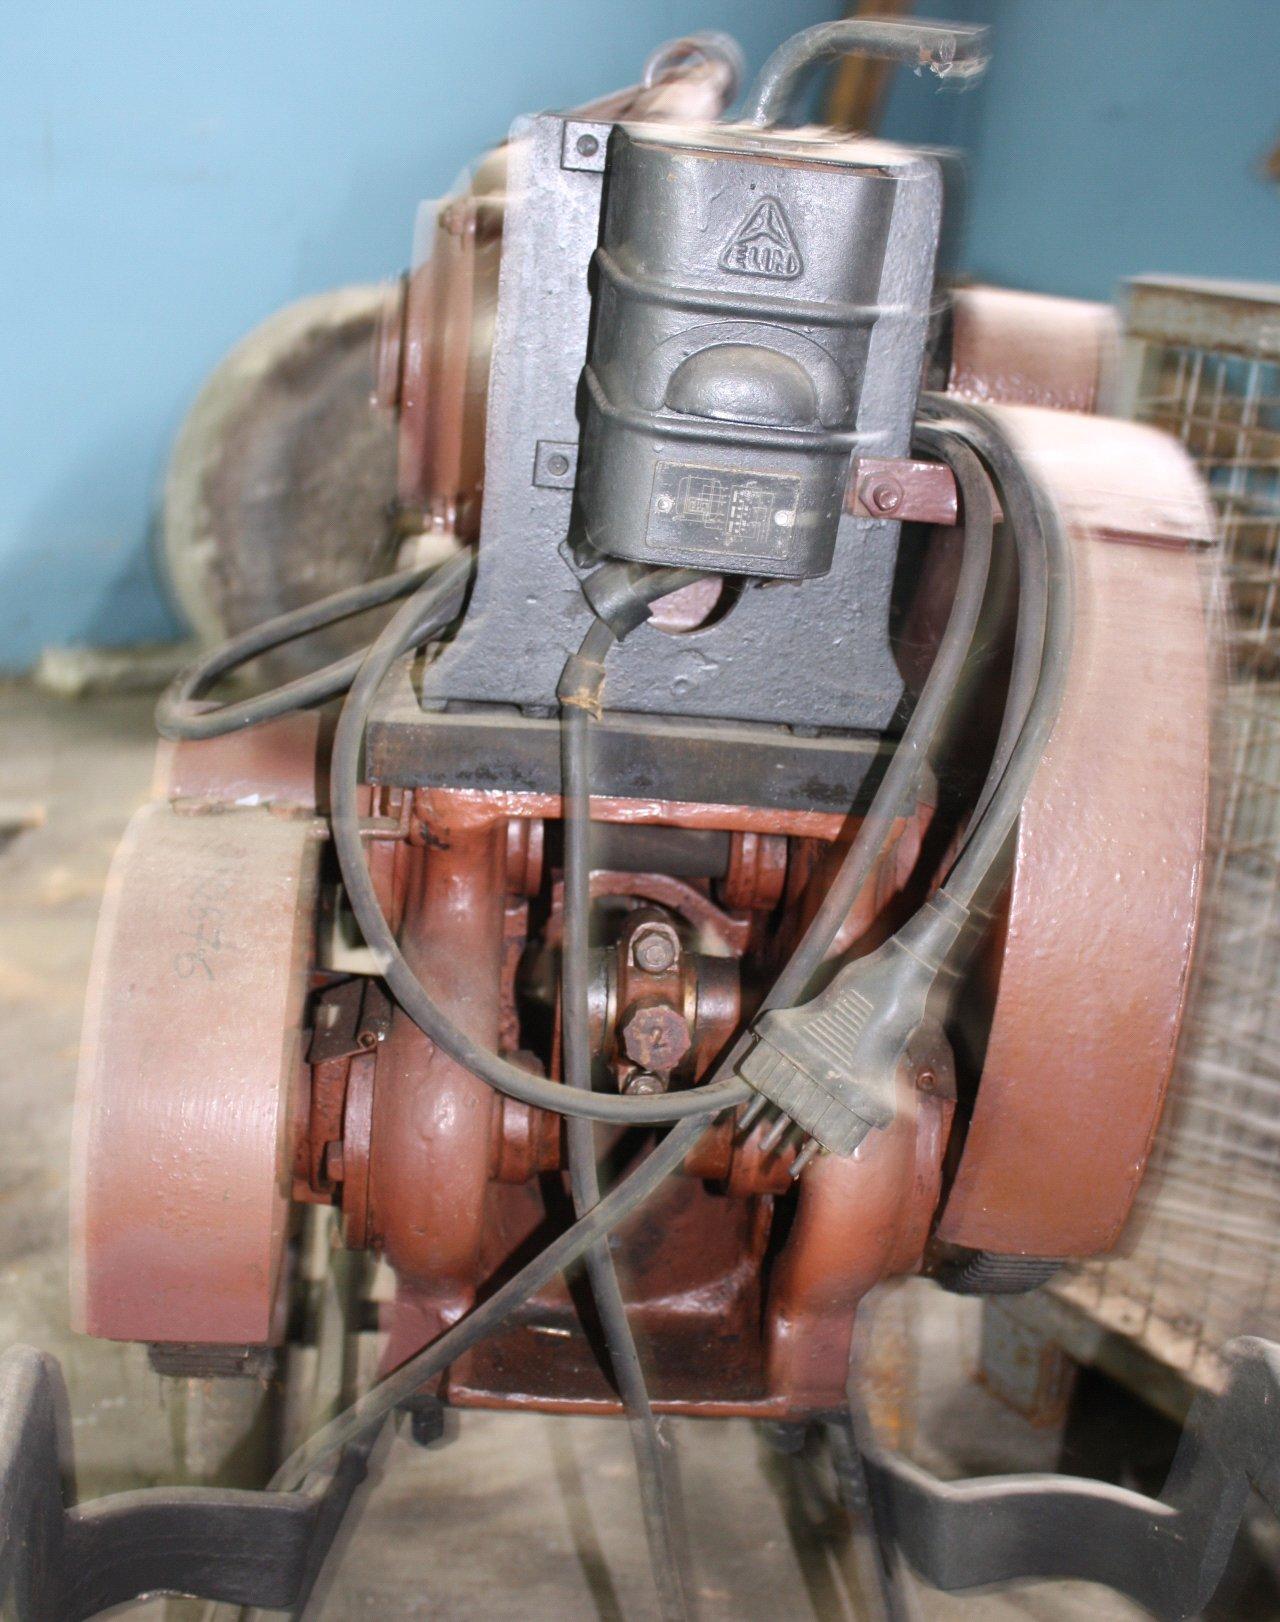 Pumpe mit Elektroantrieb der Marke Elin-3